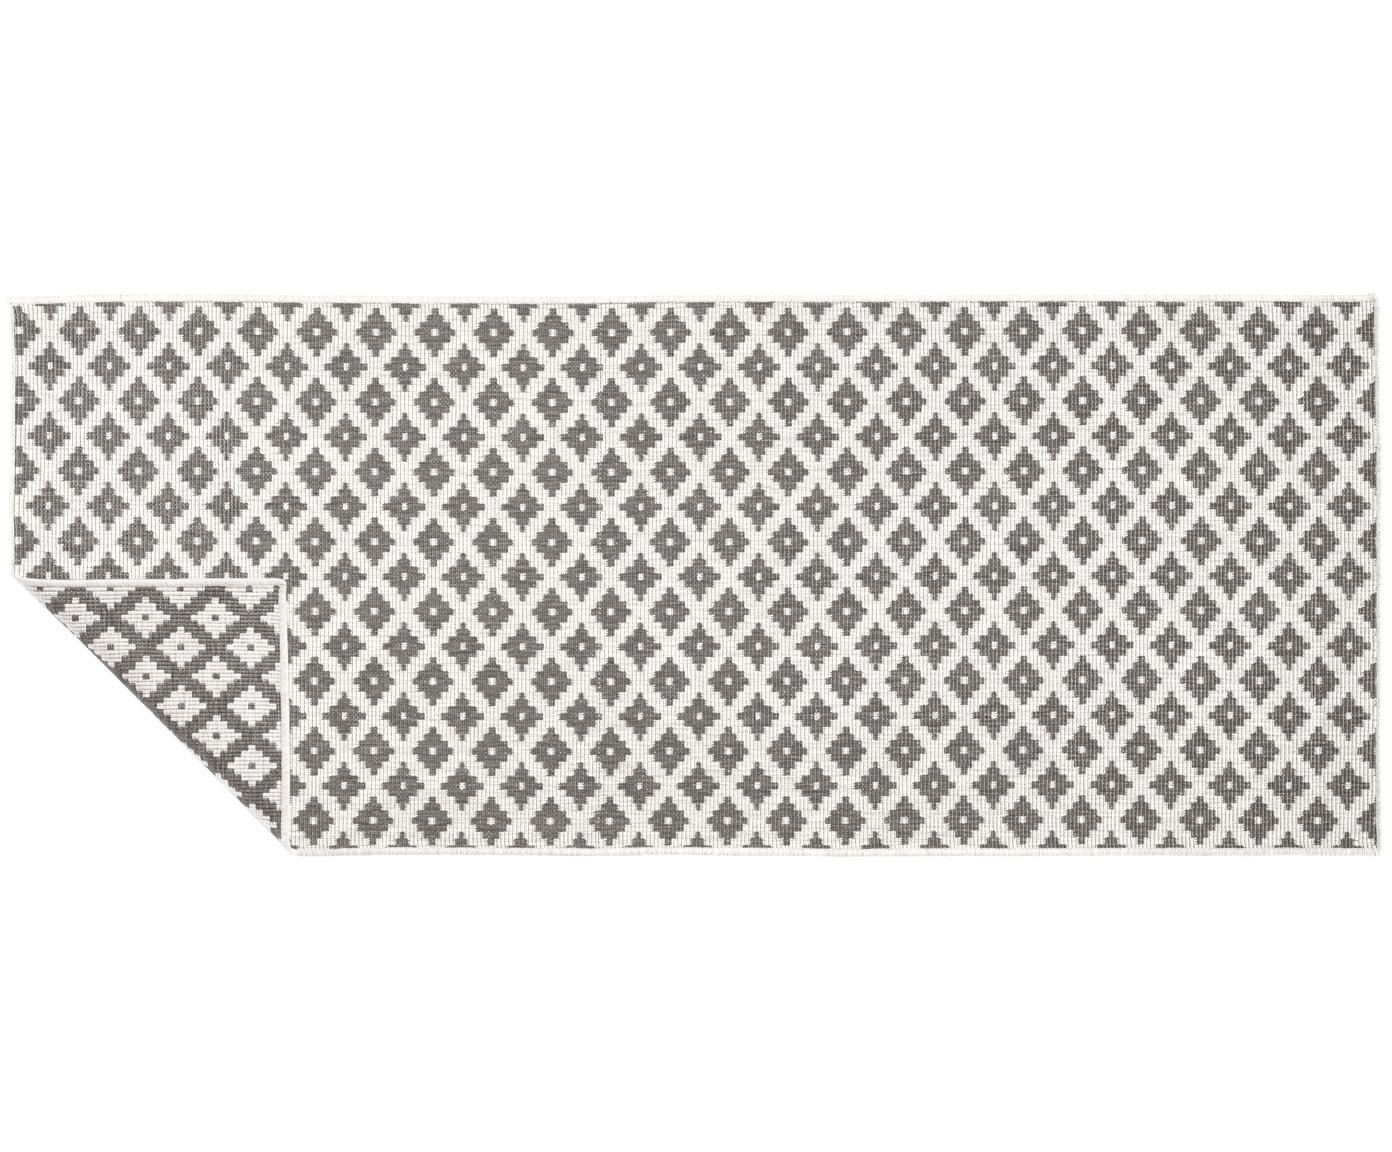 Alfombra reversible de interior/exterior Nizza, Gris, crema, An 80 x L 250 cm